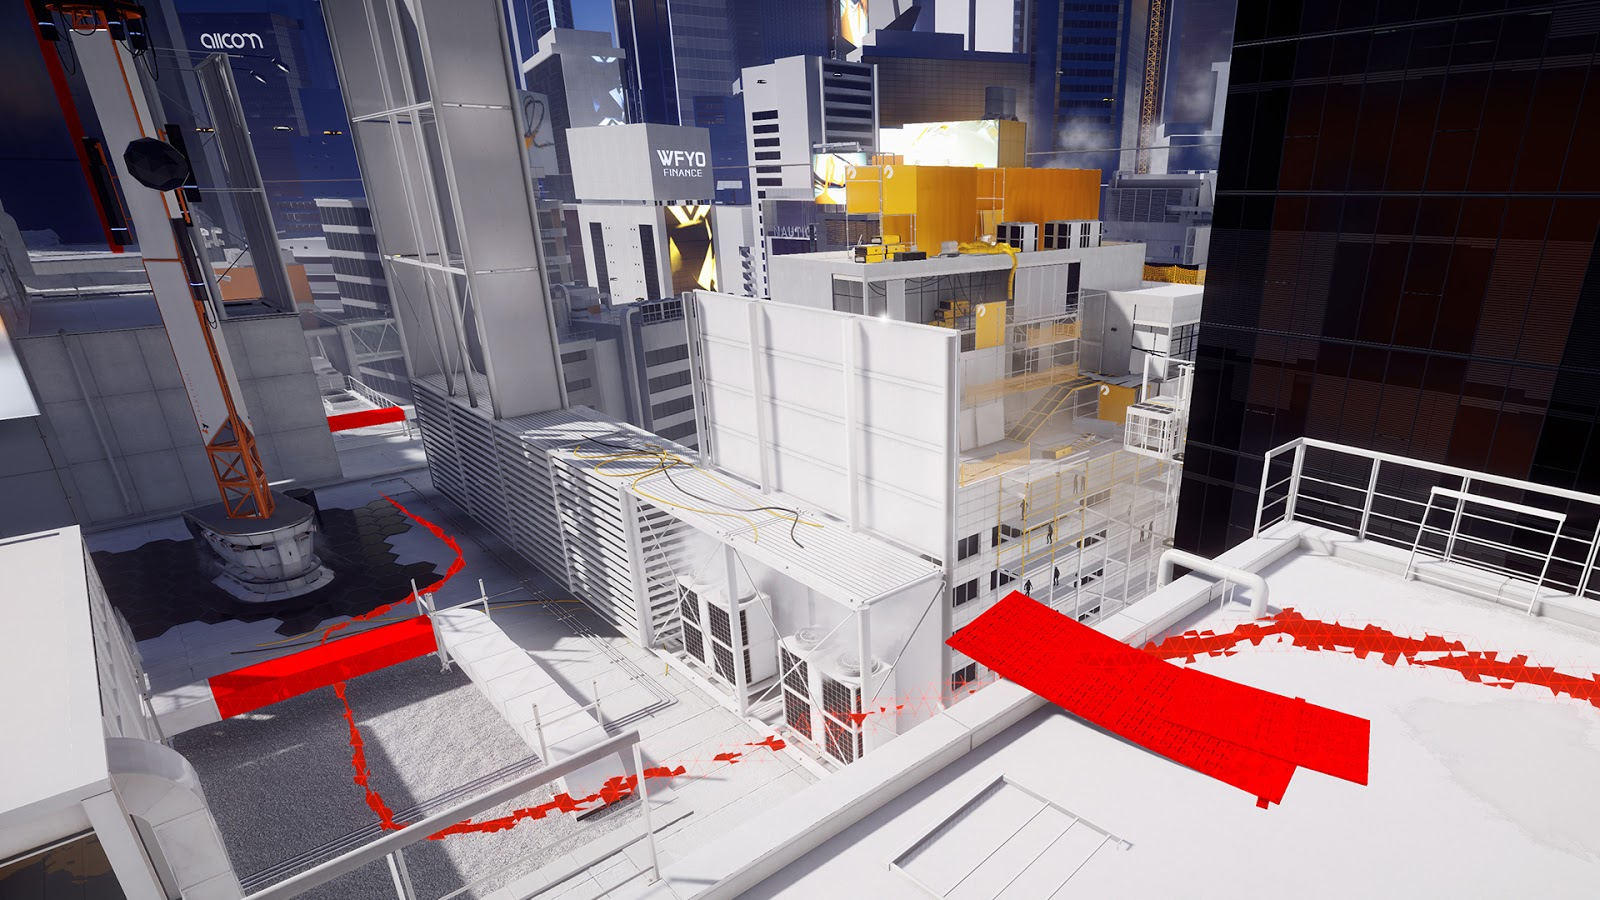 Mirror's Edge oznacza interaktywne elementy czerwonym kolorem. Źródło: https://thehive-site.blogspot.com